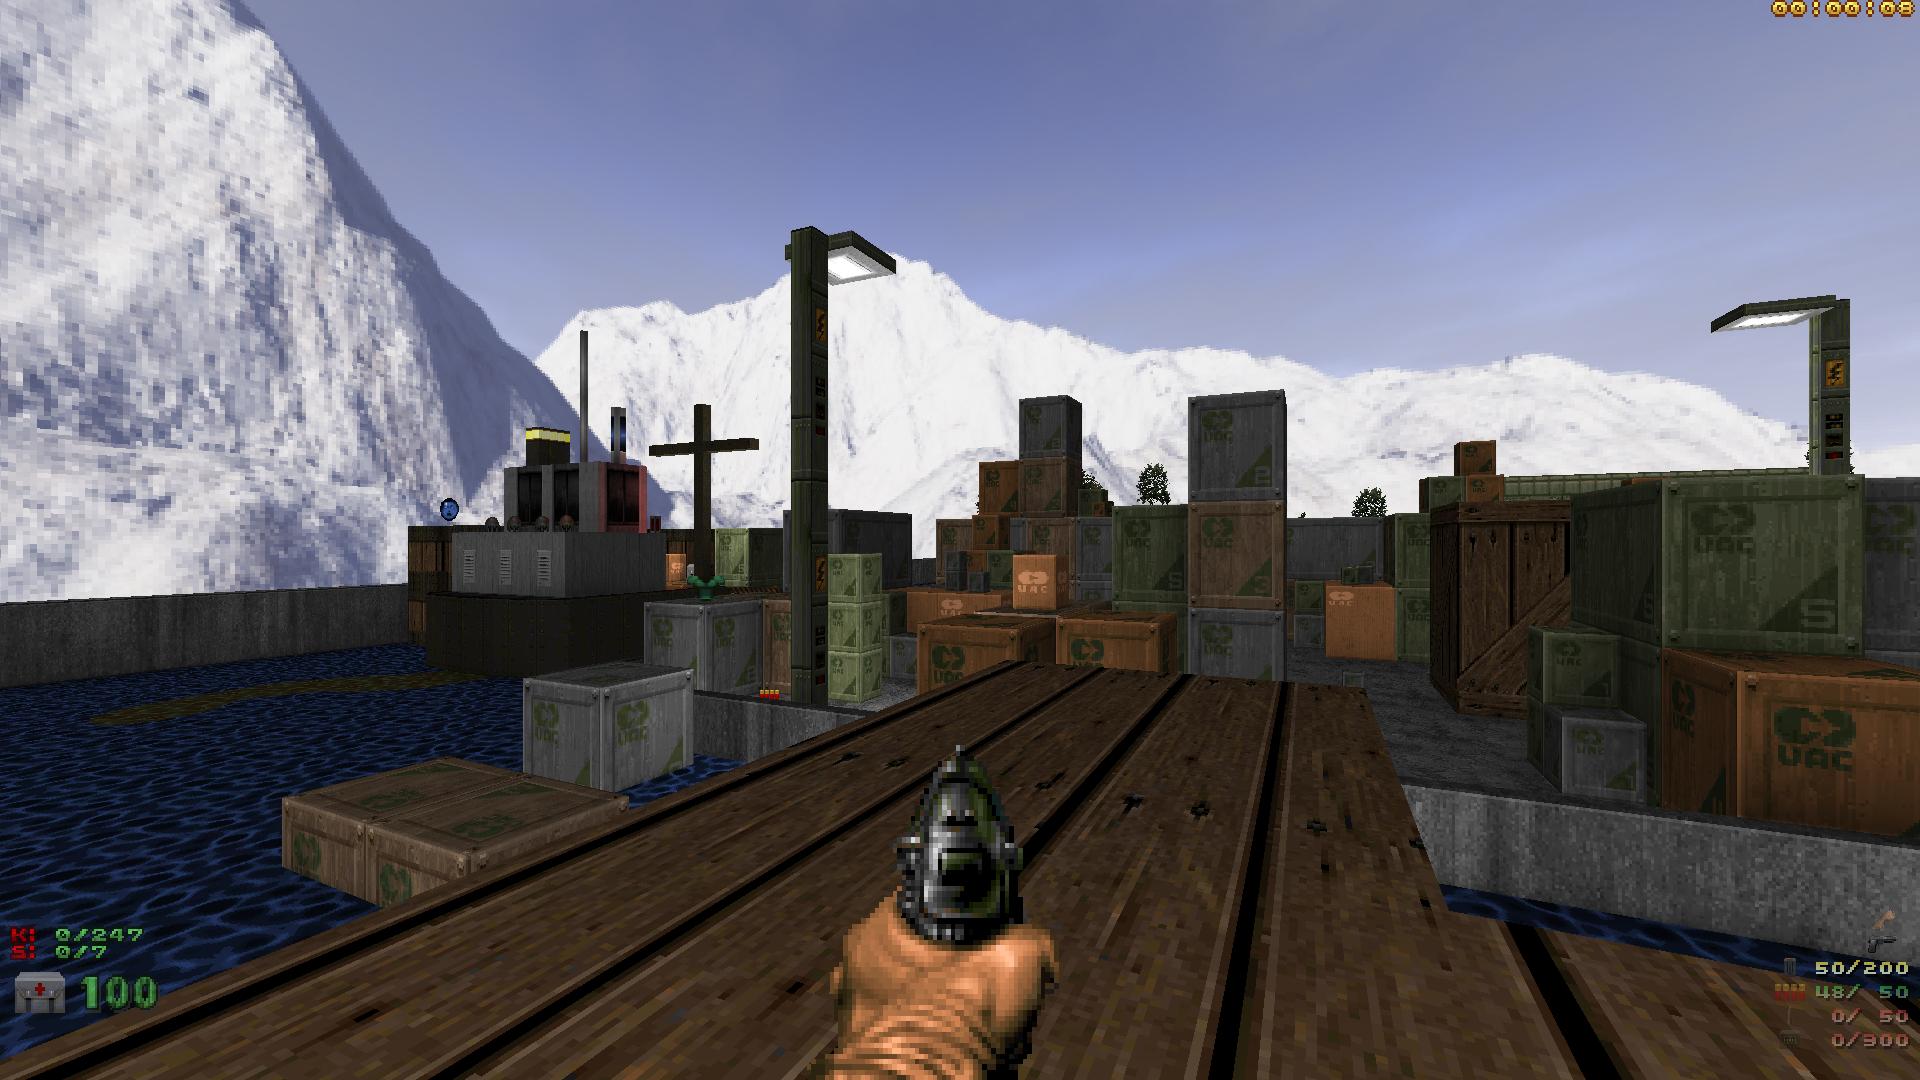 Screenshot_Doom_20210327_165143.png.ade0b2f51edfa804ee6eff8641d48a69.png